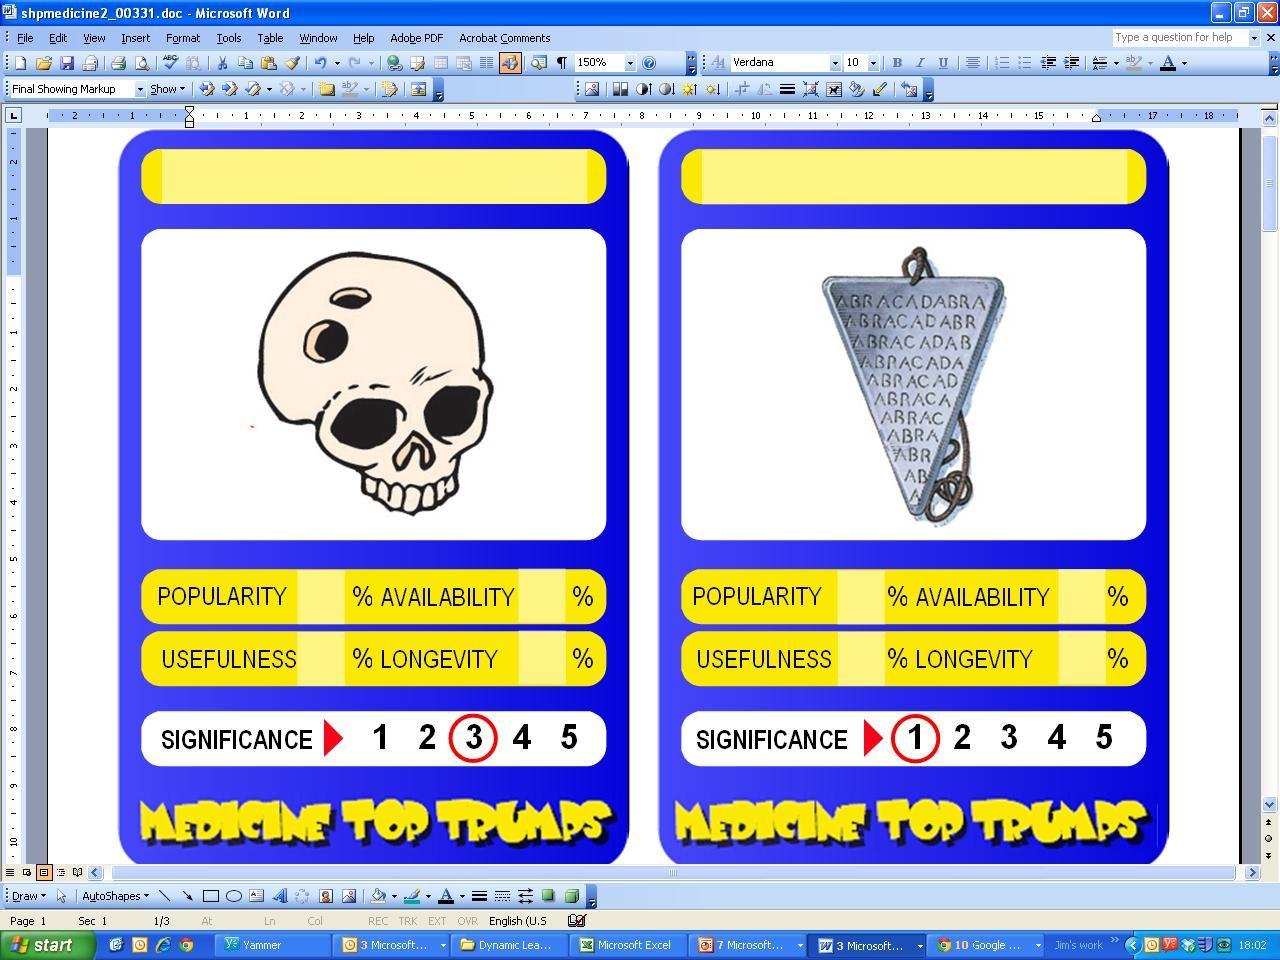 medicine top trumps revision cards word template 1006 medicine top trumps revision cards word template